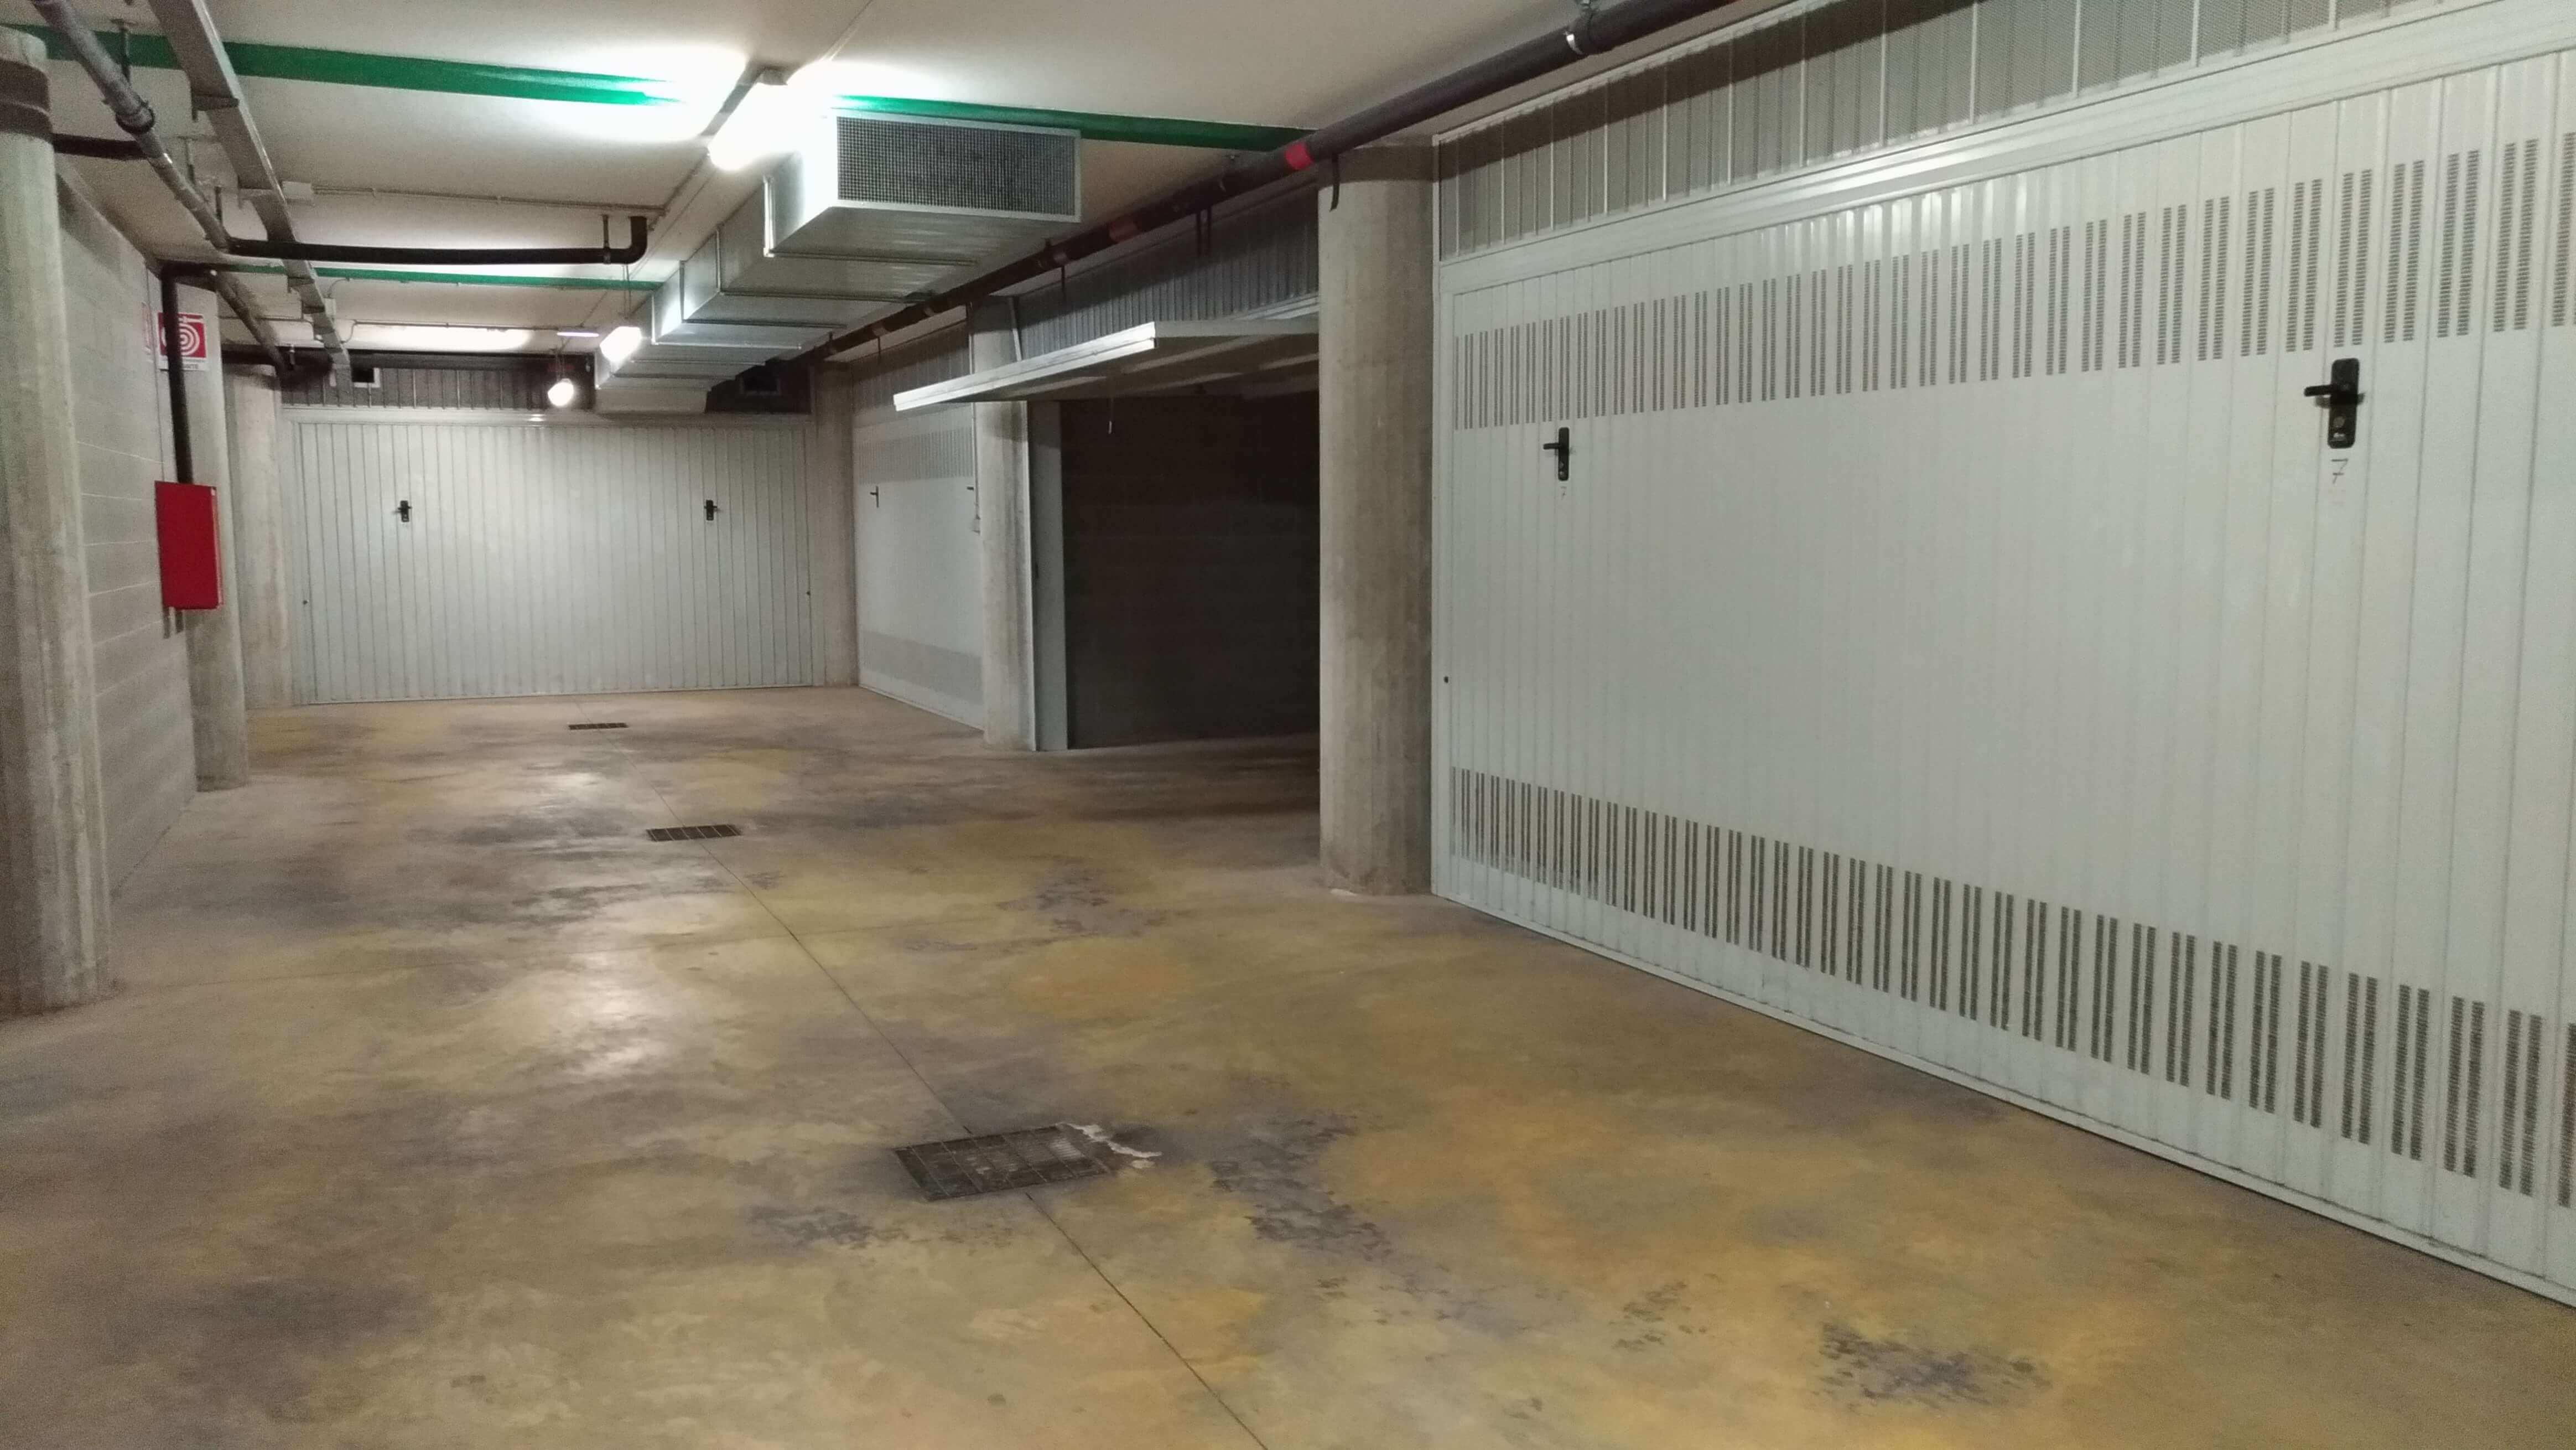 Garage in centro a bassano del grappa a erre for Appartamenti arredati affitto bassano del grappa